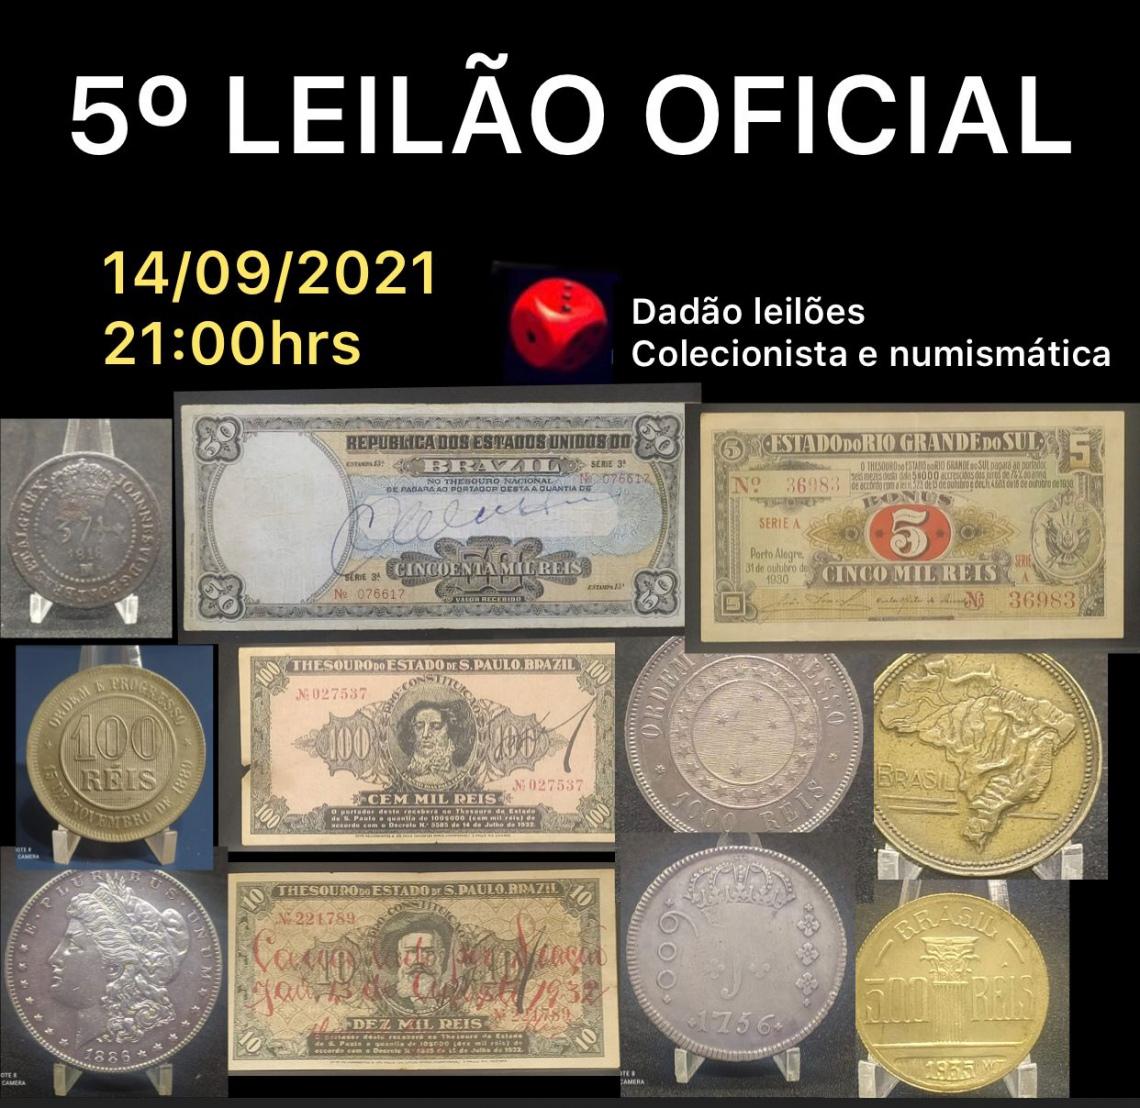 5º LEILÃO OFICIAL DADÃO LEILÕES - NUMISMÁTICA E COLECIONISMO